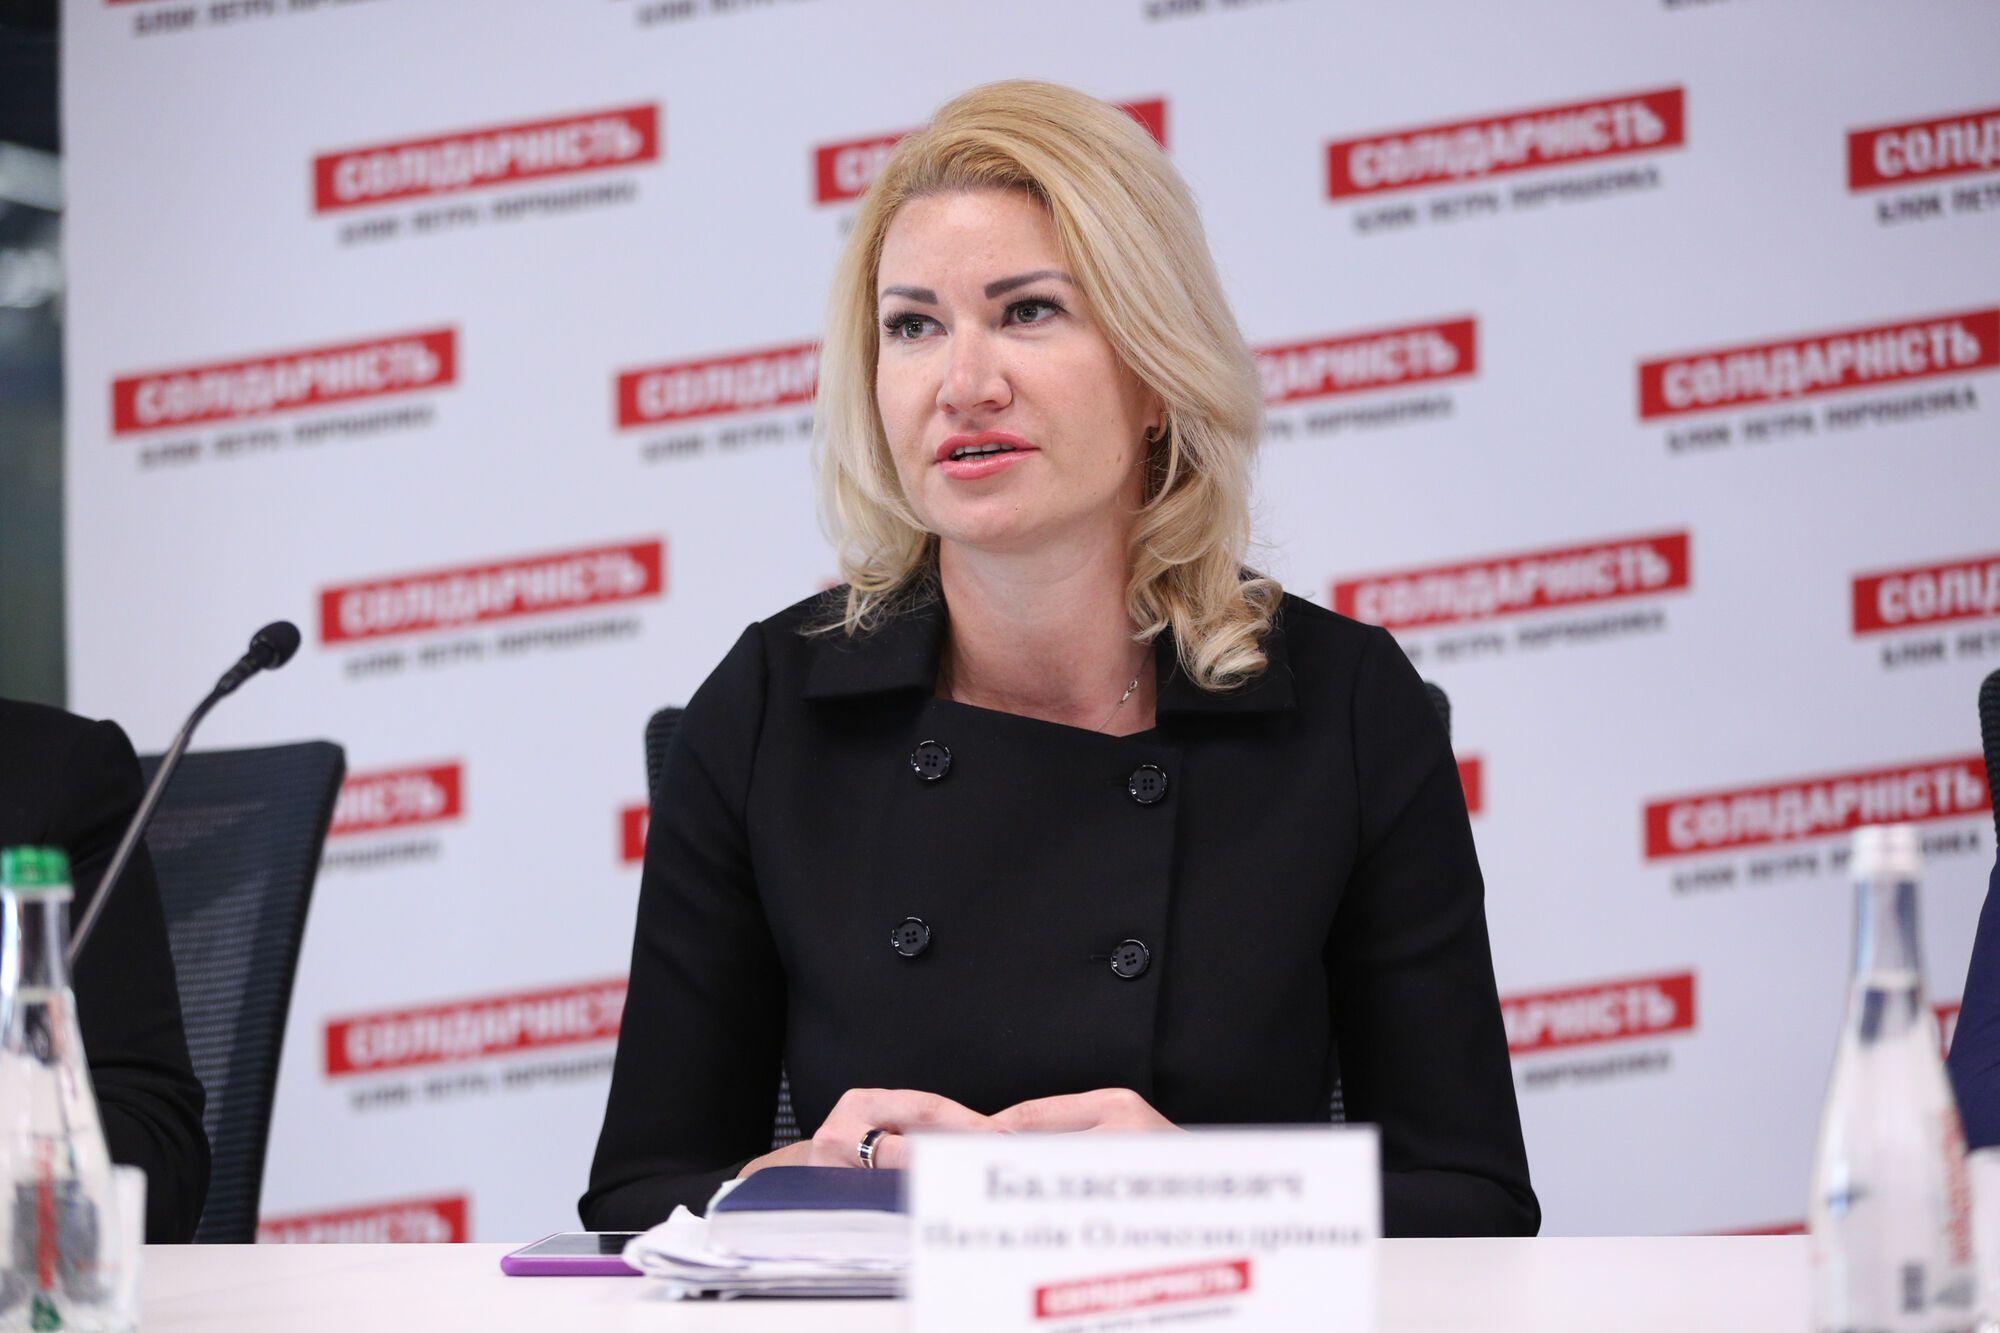 Наталья Баласинович неоднократно попадала в скандальные истории